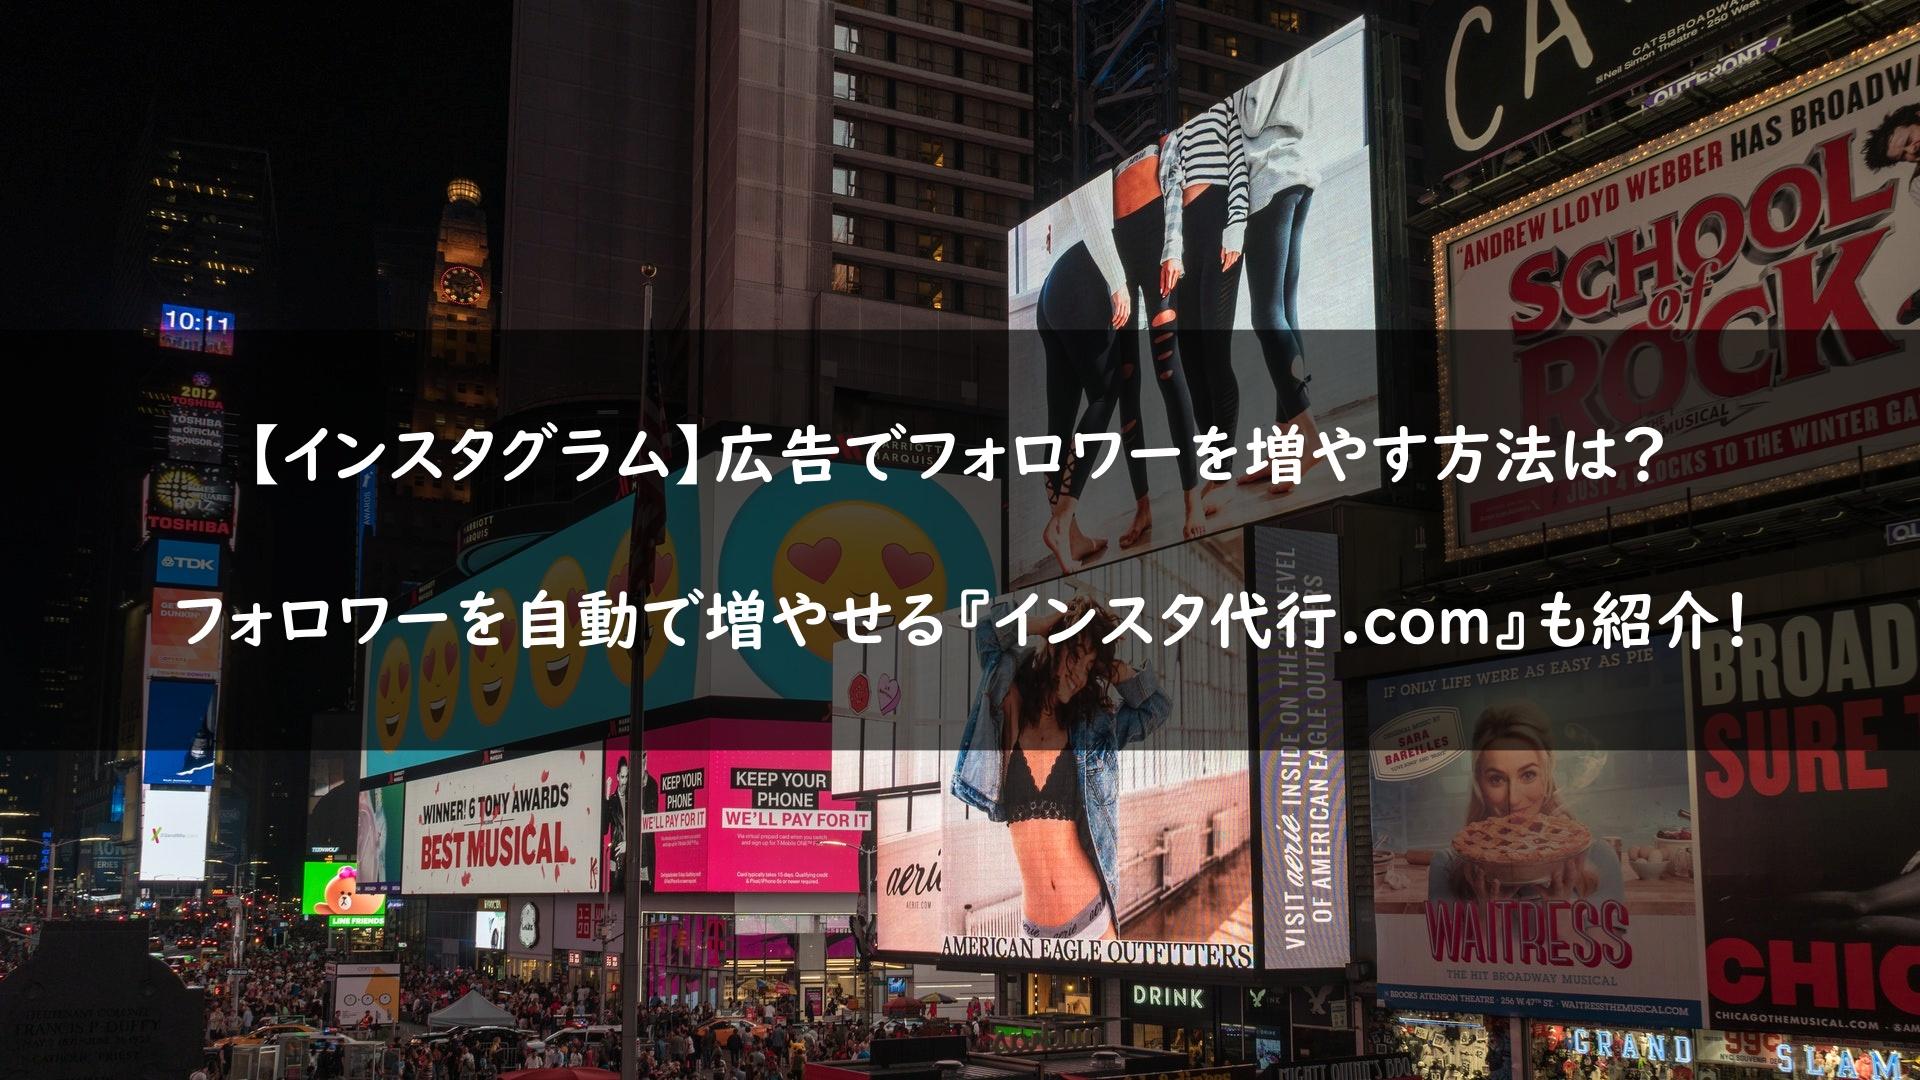 【インスタグラム】広告でフォロワーを増やす方法は?フォロワーを自動で増やせる『インスタ代行.com』も紹介!のアイキャッチ画像